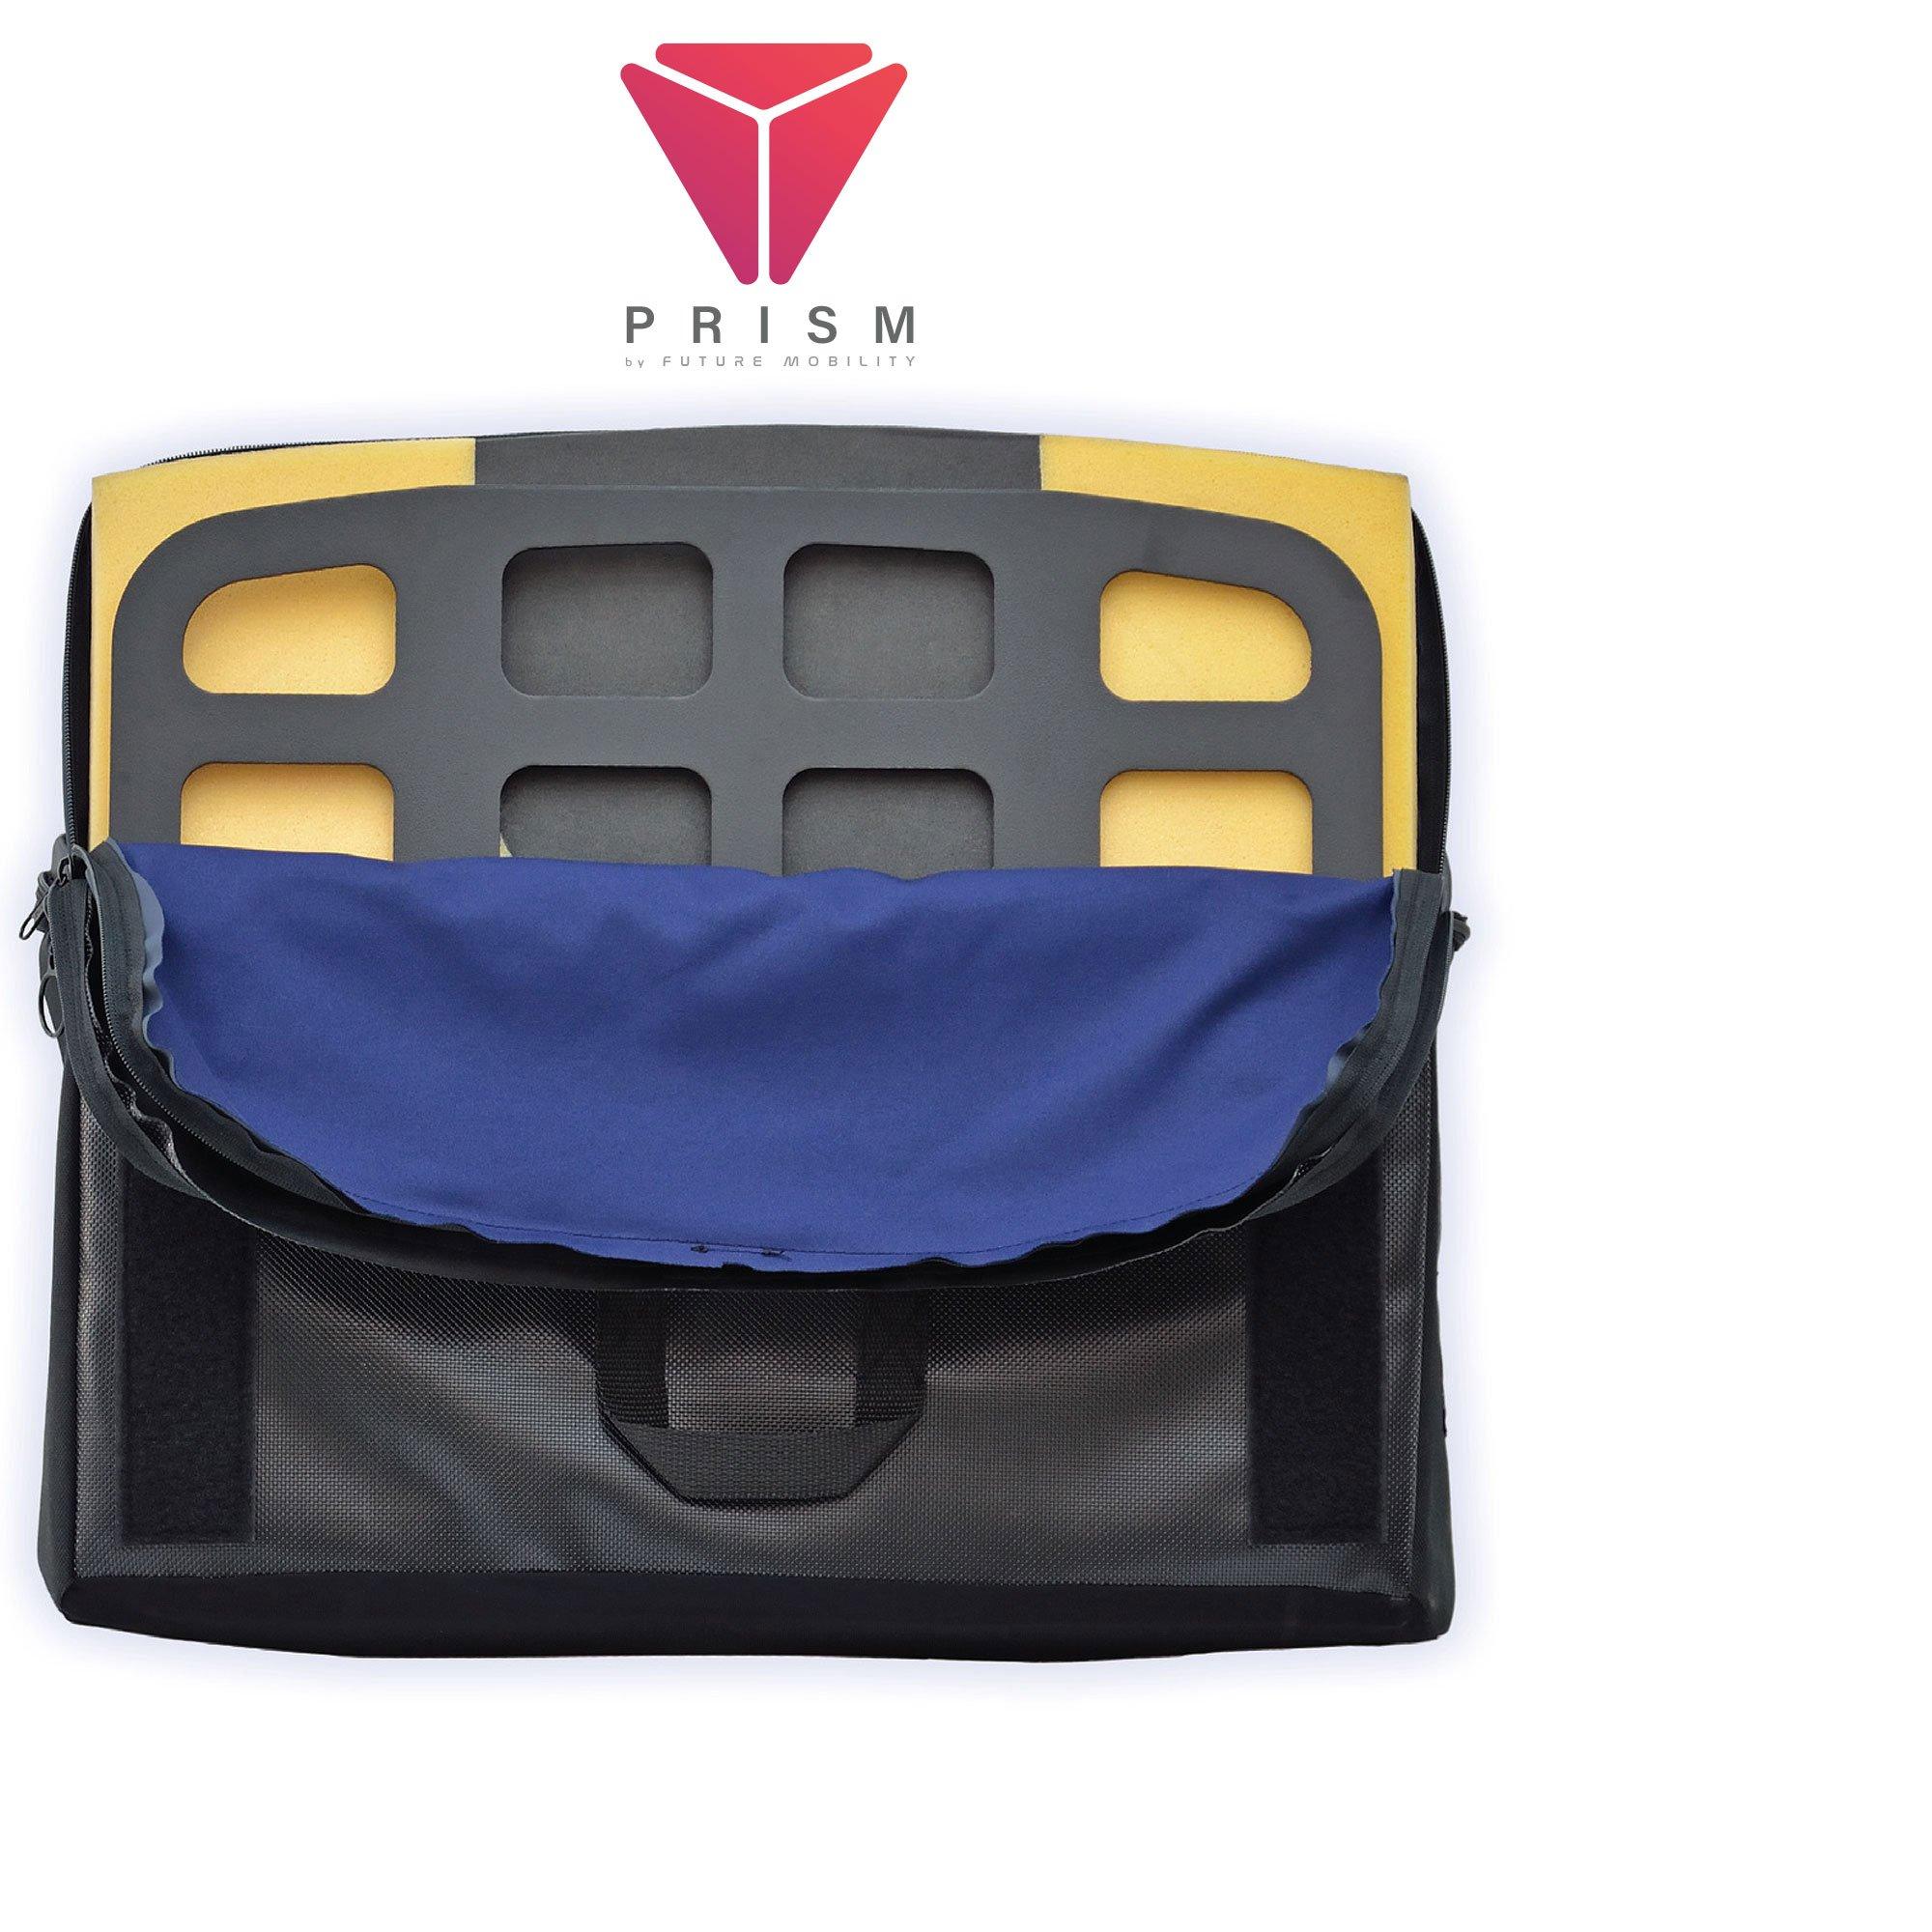 cushion Prism rigidizer